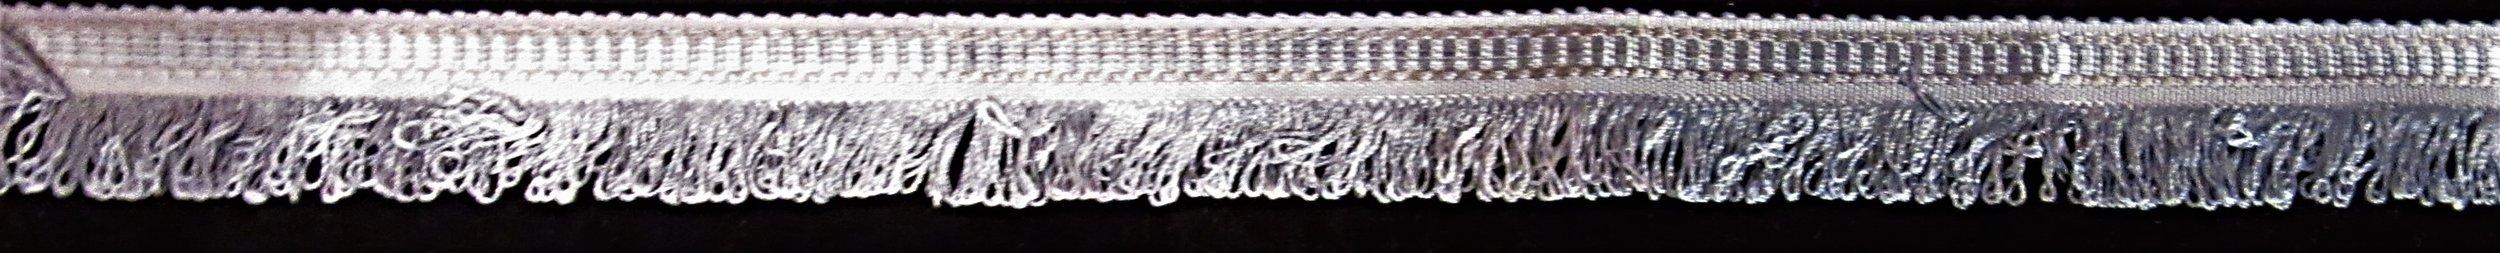 Rayon Fringe